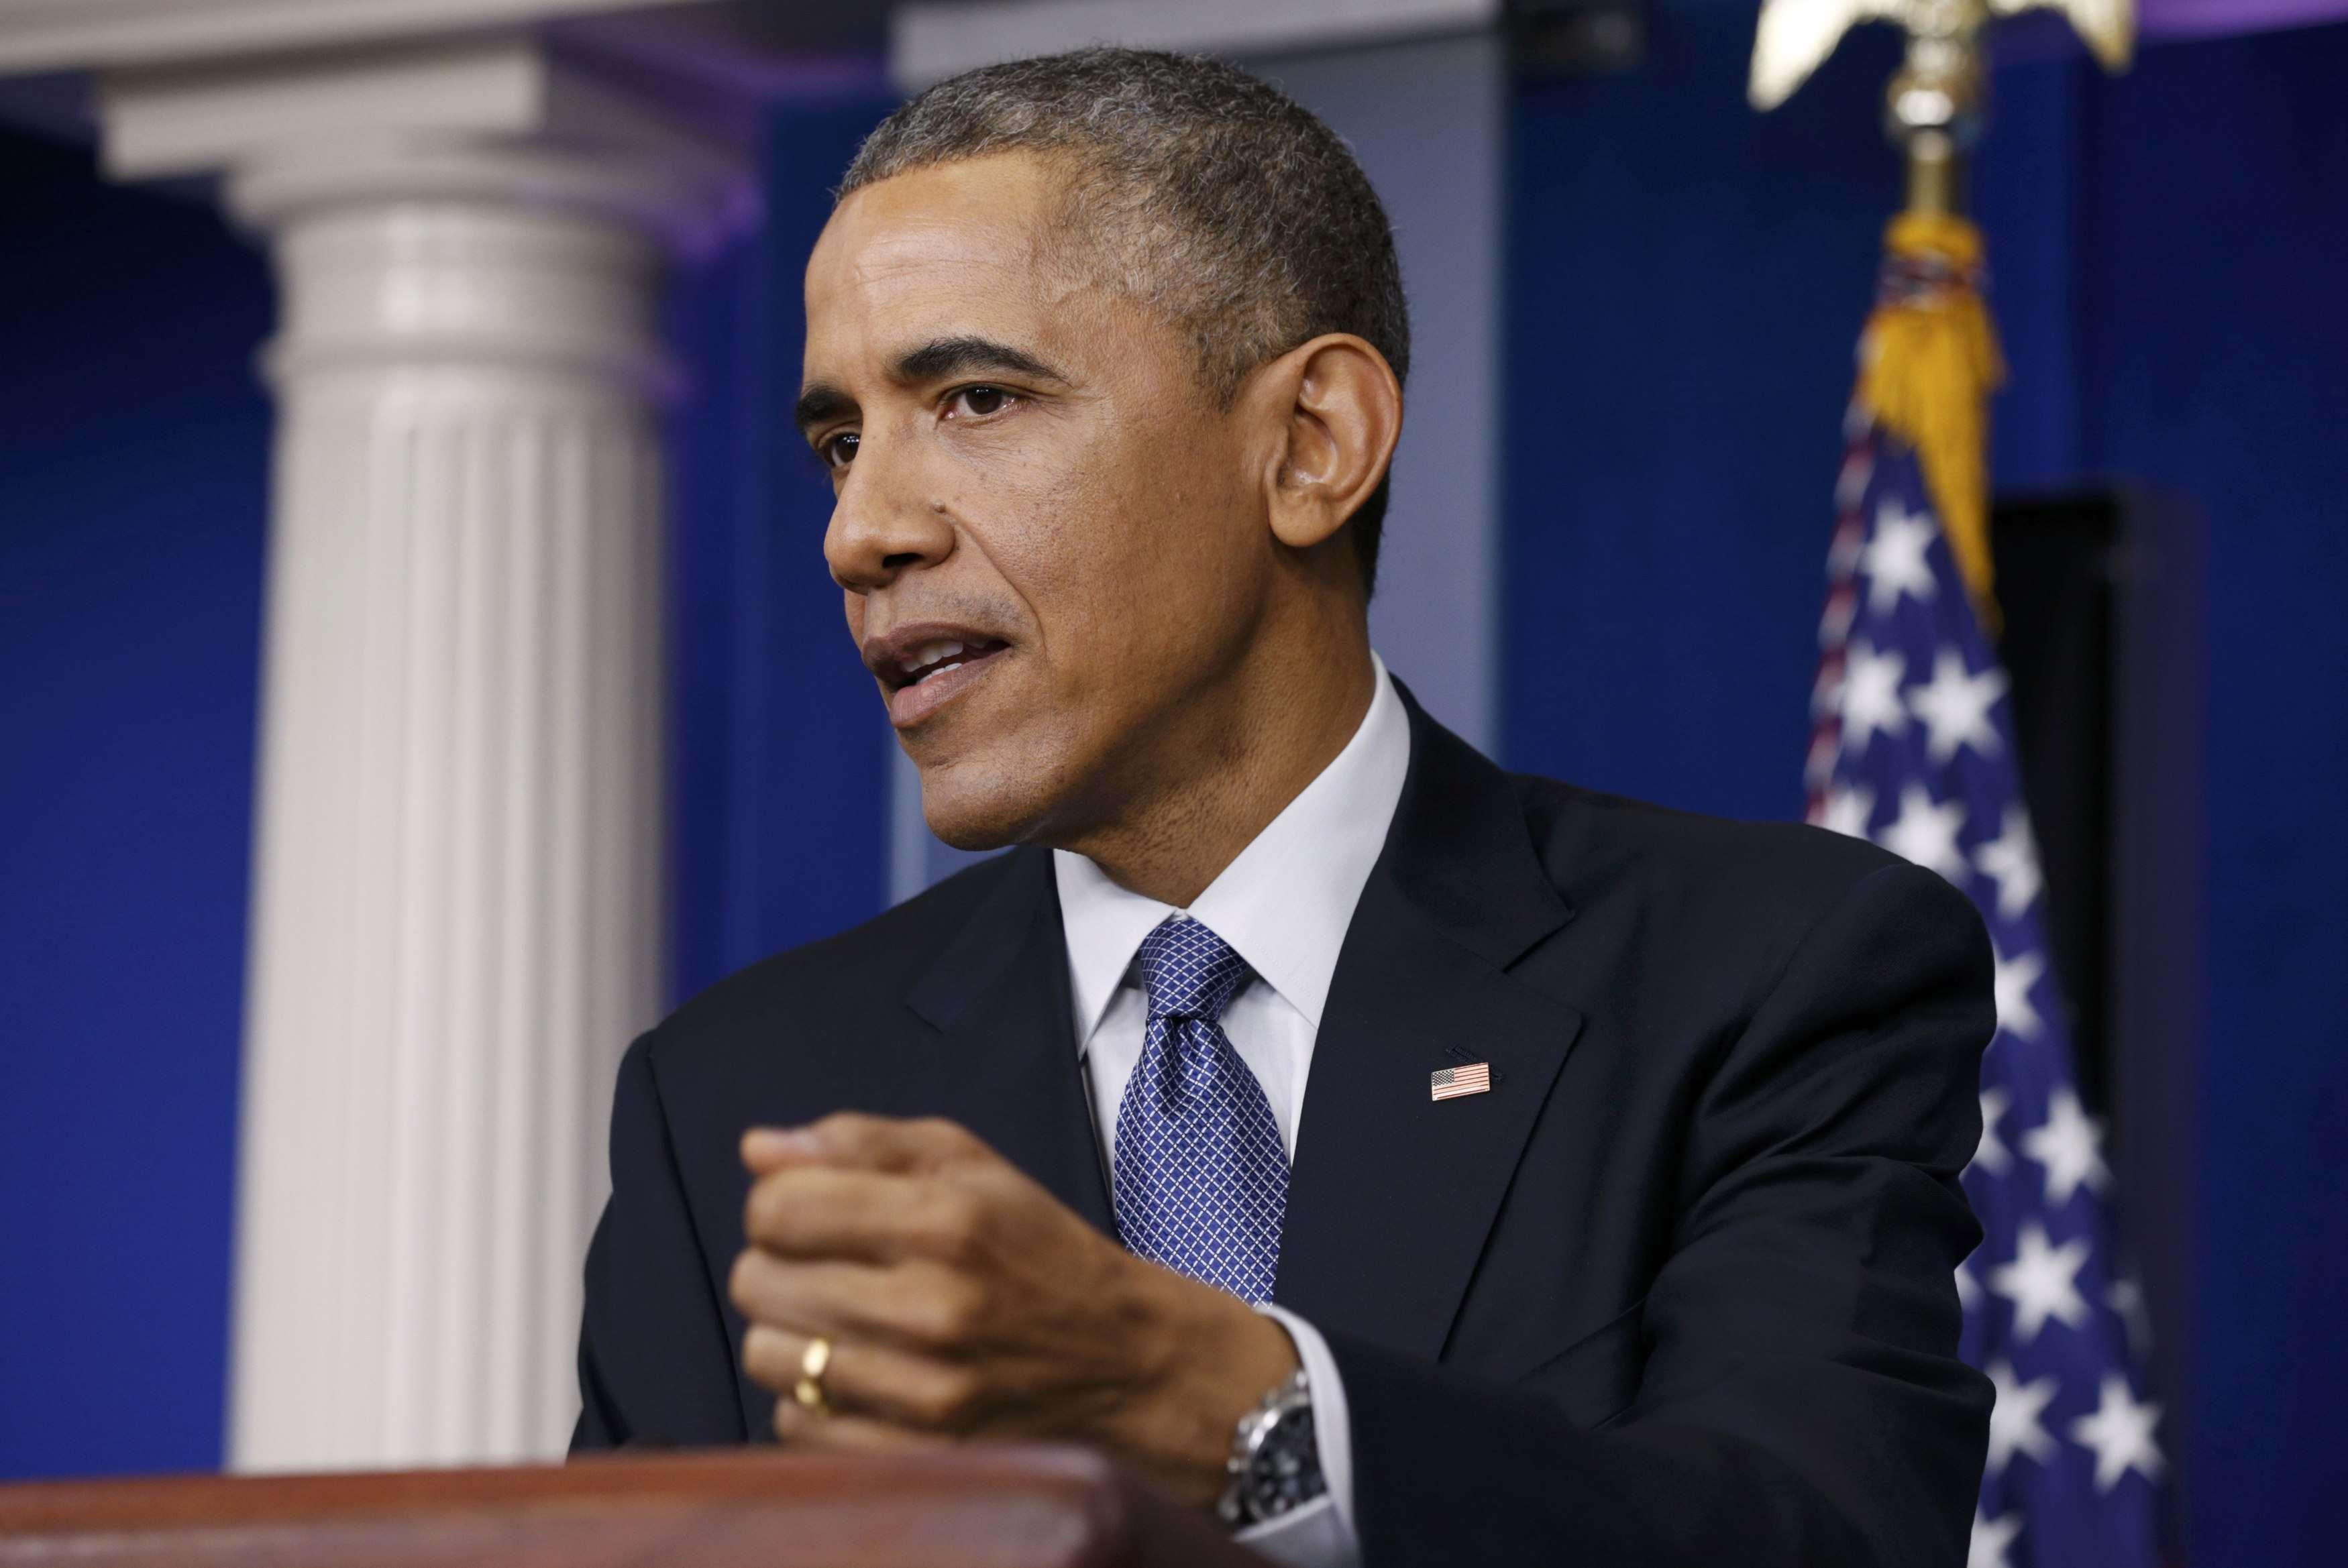 Presidente dos EUA, Barack Obama, responde a uma pergunta sobre o ataque cibernético a Sony Pictures durante sua coletiva de imprensa anual, realizada na Casa Branca, em Washington, em 19 de dezembro Foto: Kevin Lamarque /Reuters